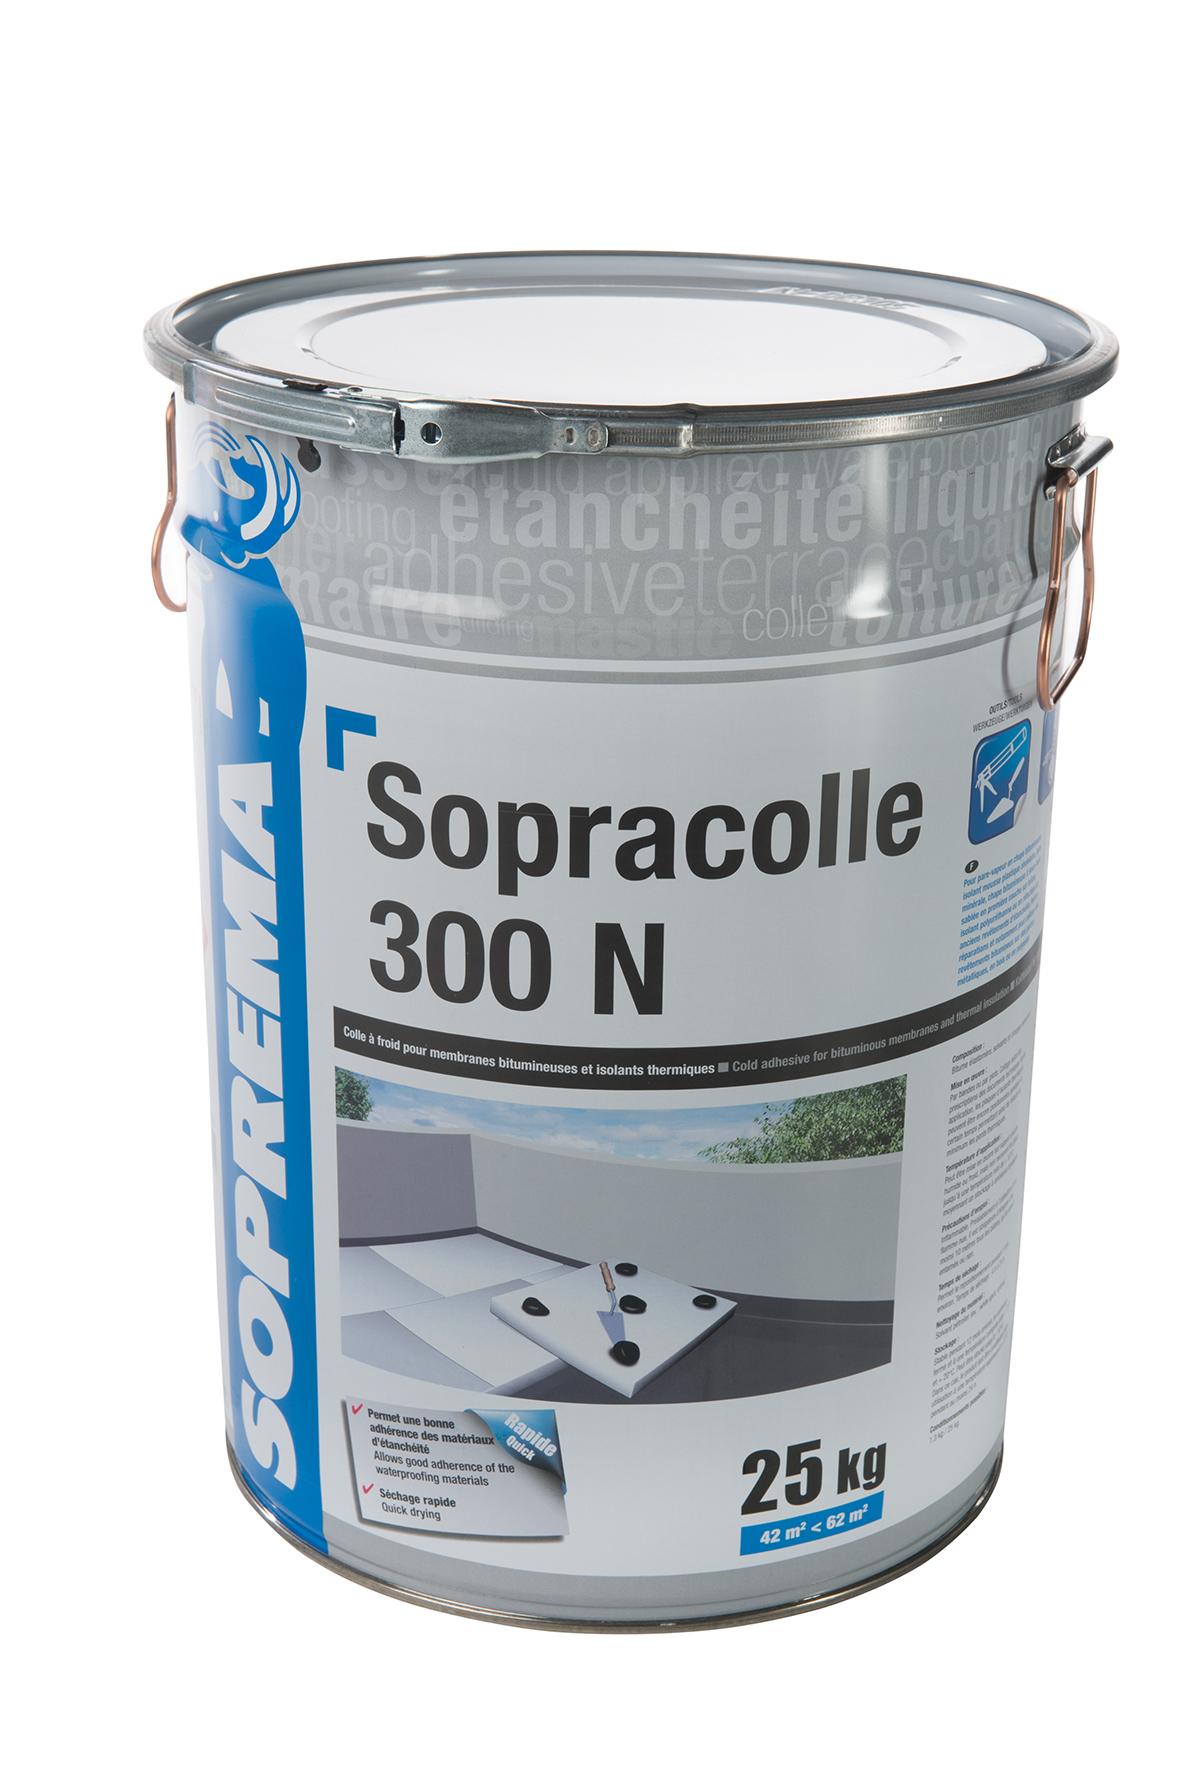 SOPRACOLLE 300 N*